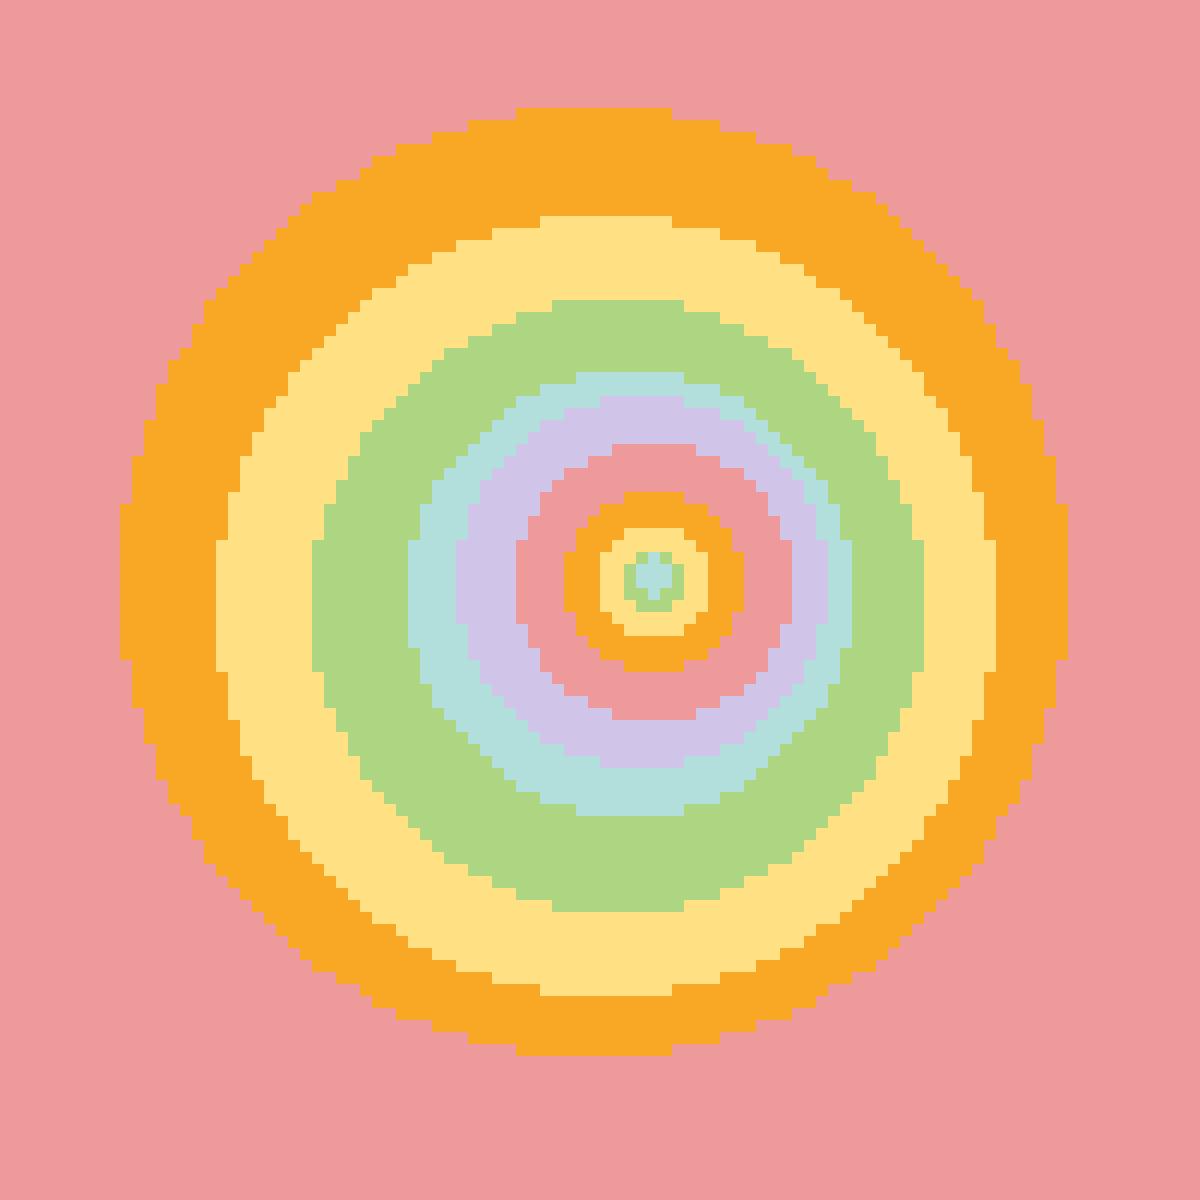 illusional pastels by Sarcast1c-Artz